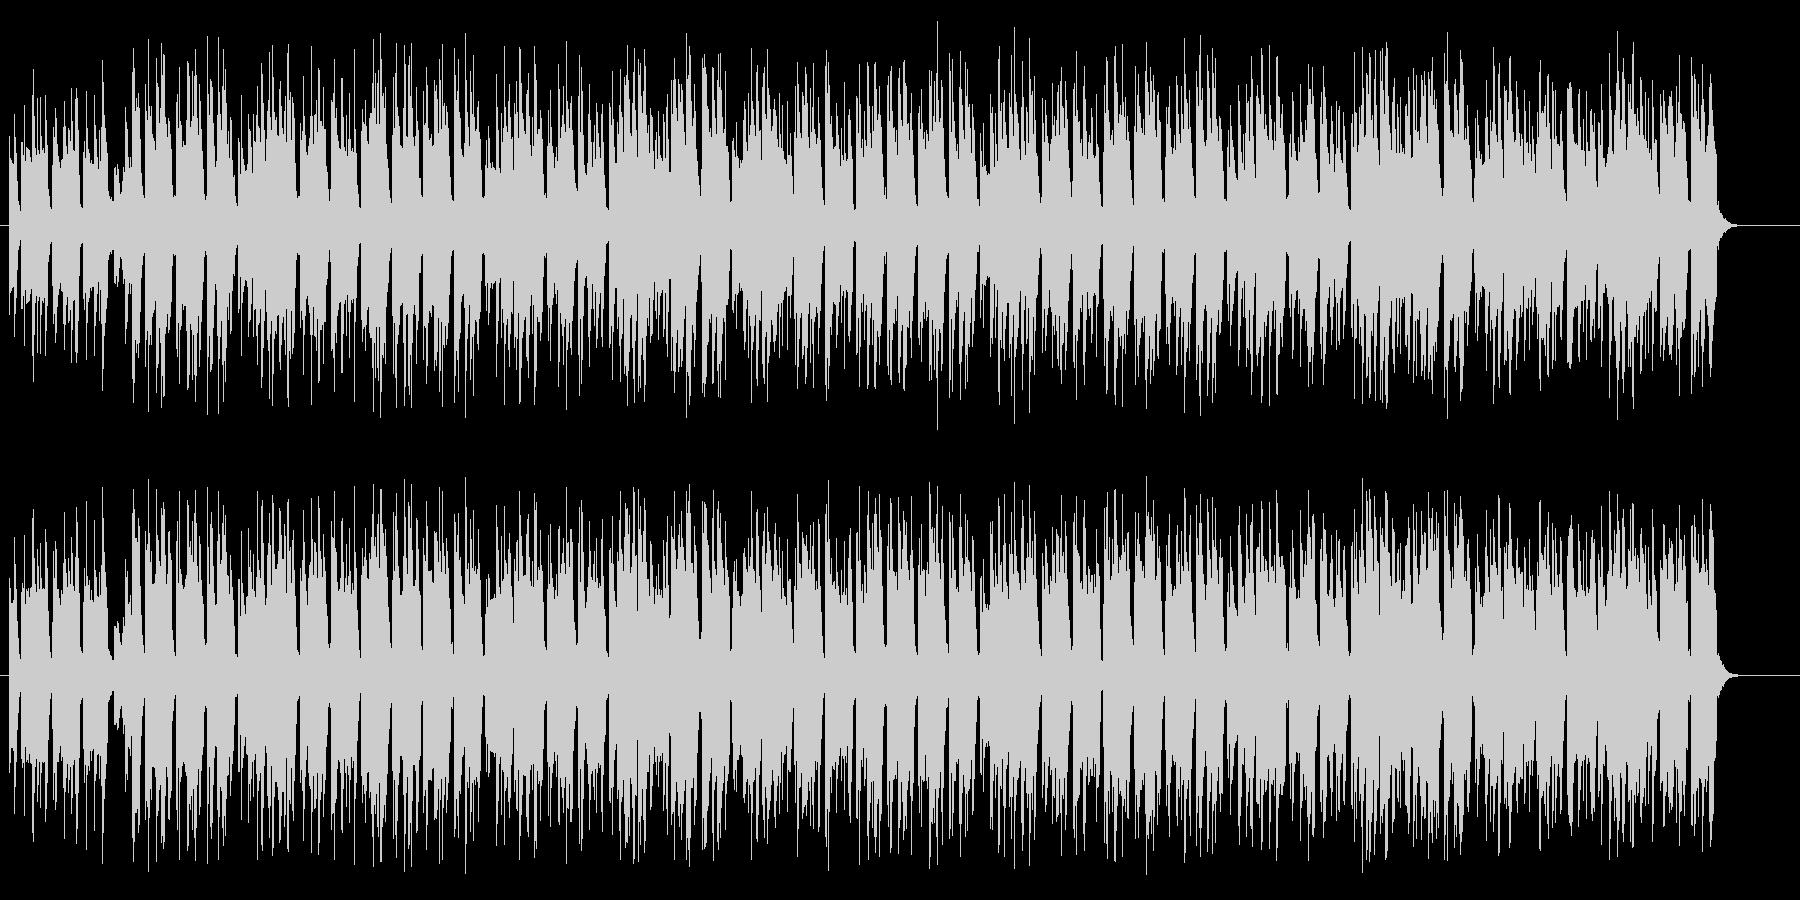 リズミカルな60年代ポピュラー音楽の未再生の波形